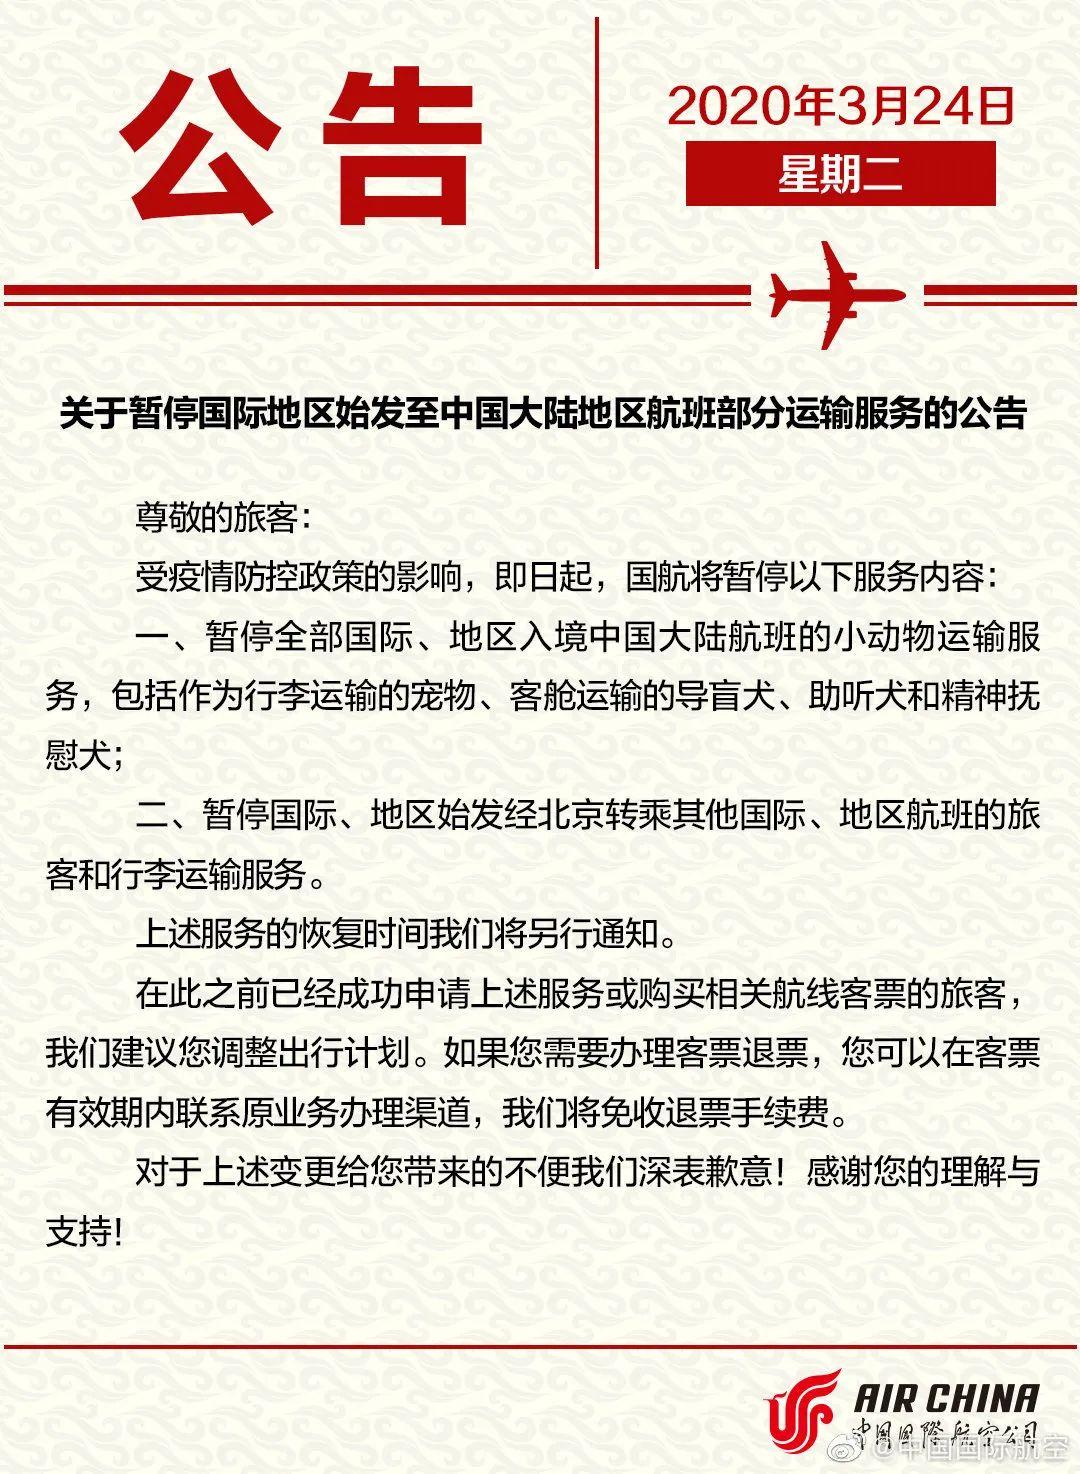 国航暂停国际、地区始发经北京转乘其他国际、地区航班的旅客和行李运输服务